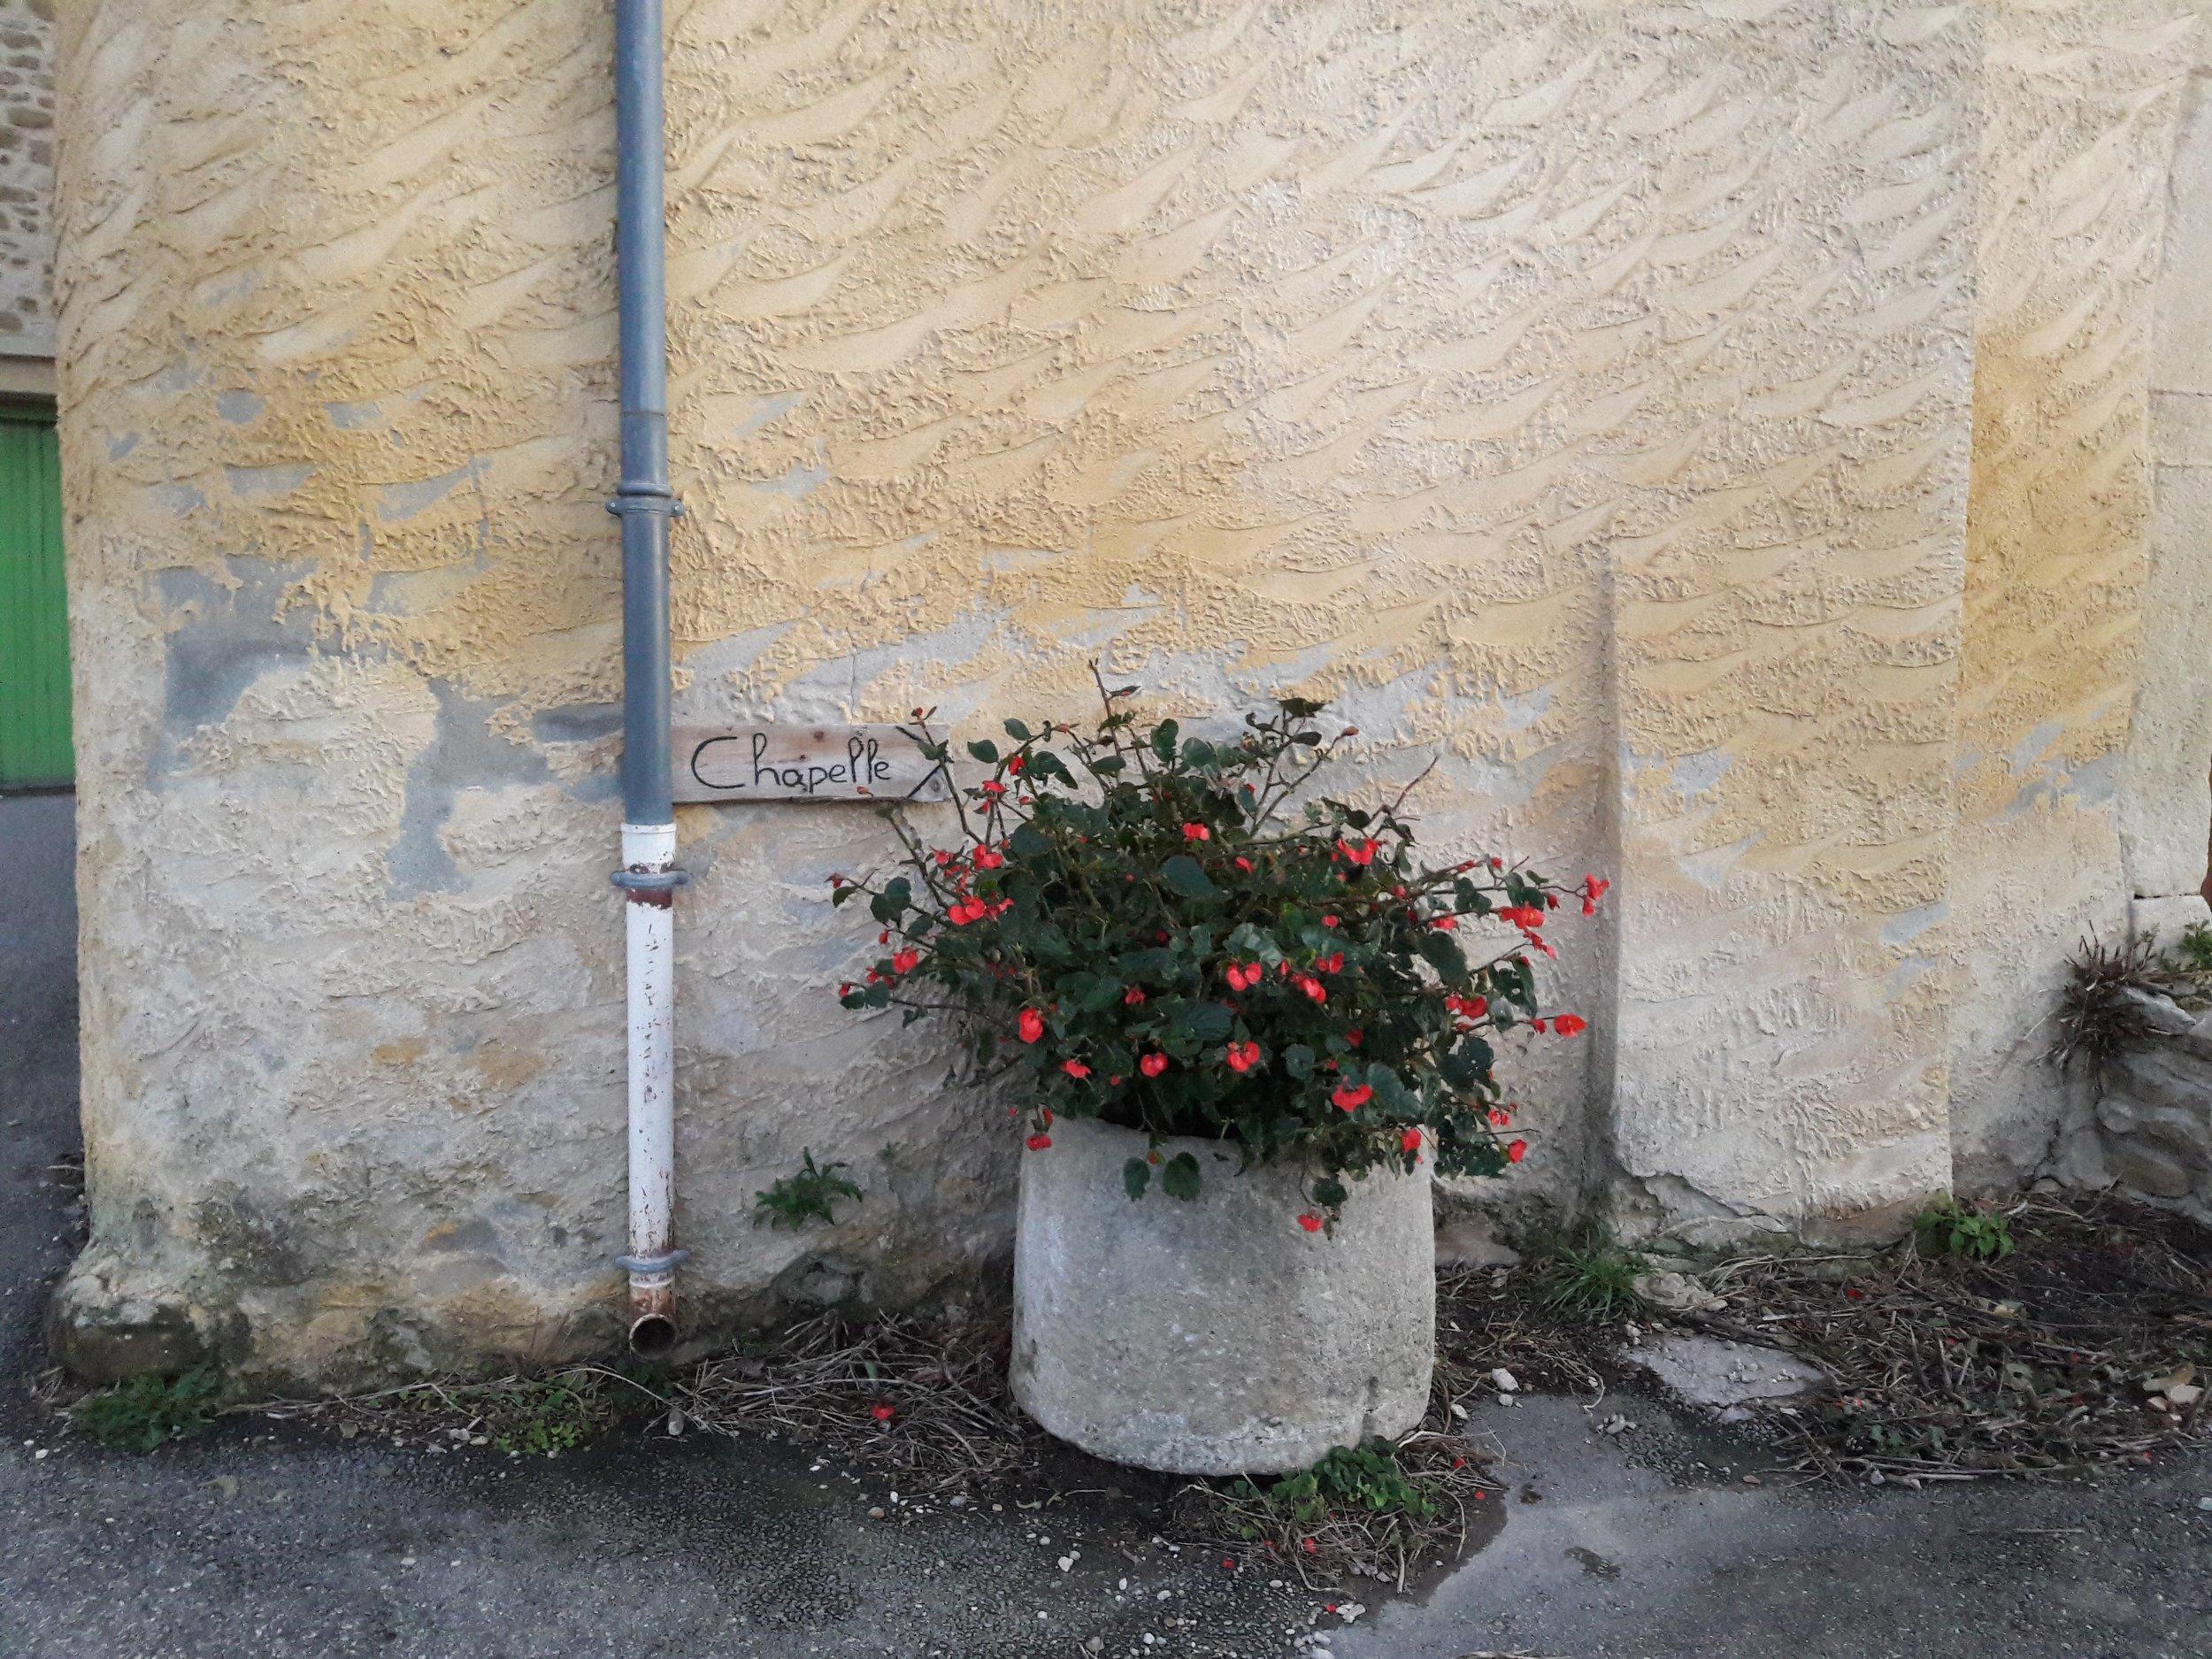 Piégon, uma aldeia francesa que fica na zona do Drôme na França